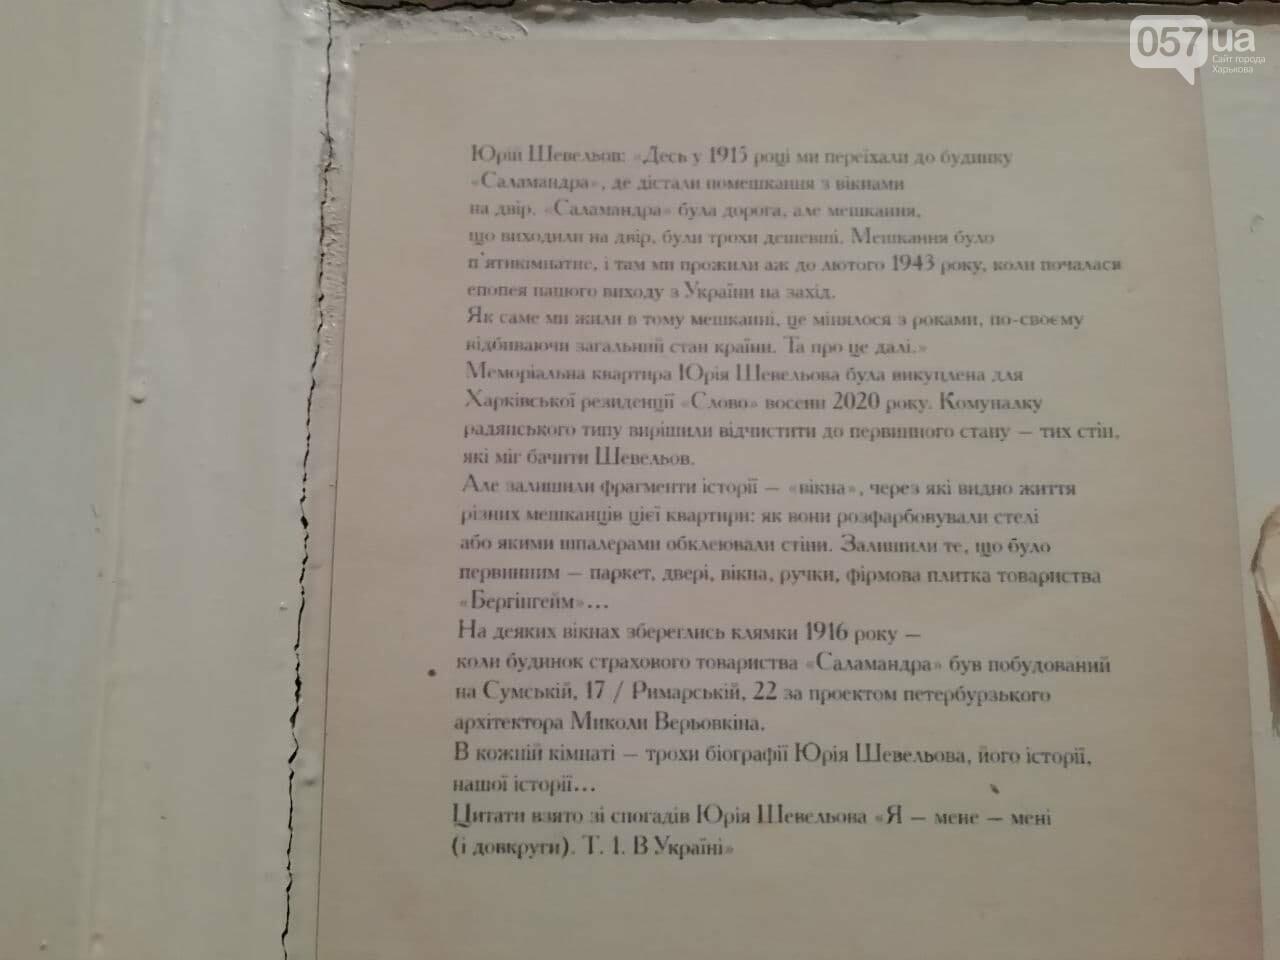 Квартира Шевелева в центра Харькова стала творческой резиденцией, - ФОТО, ВИДЕО, фото-16